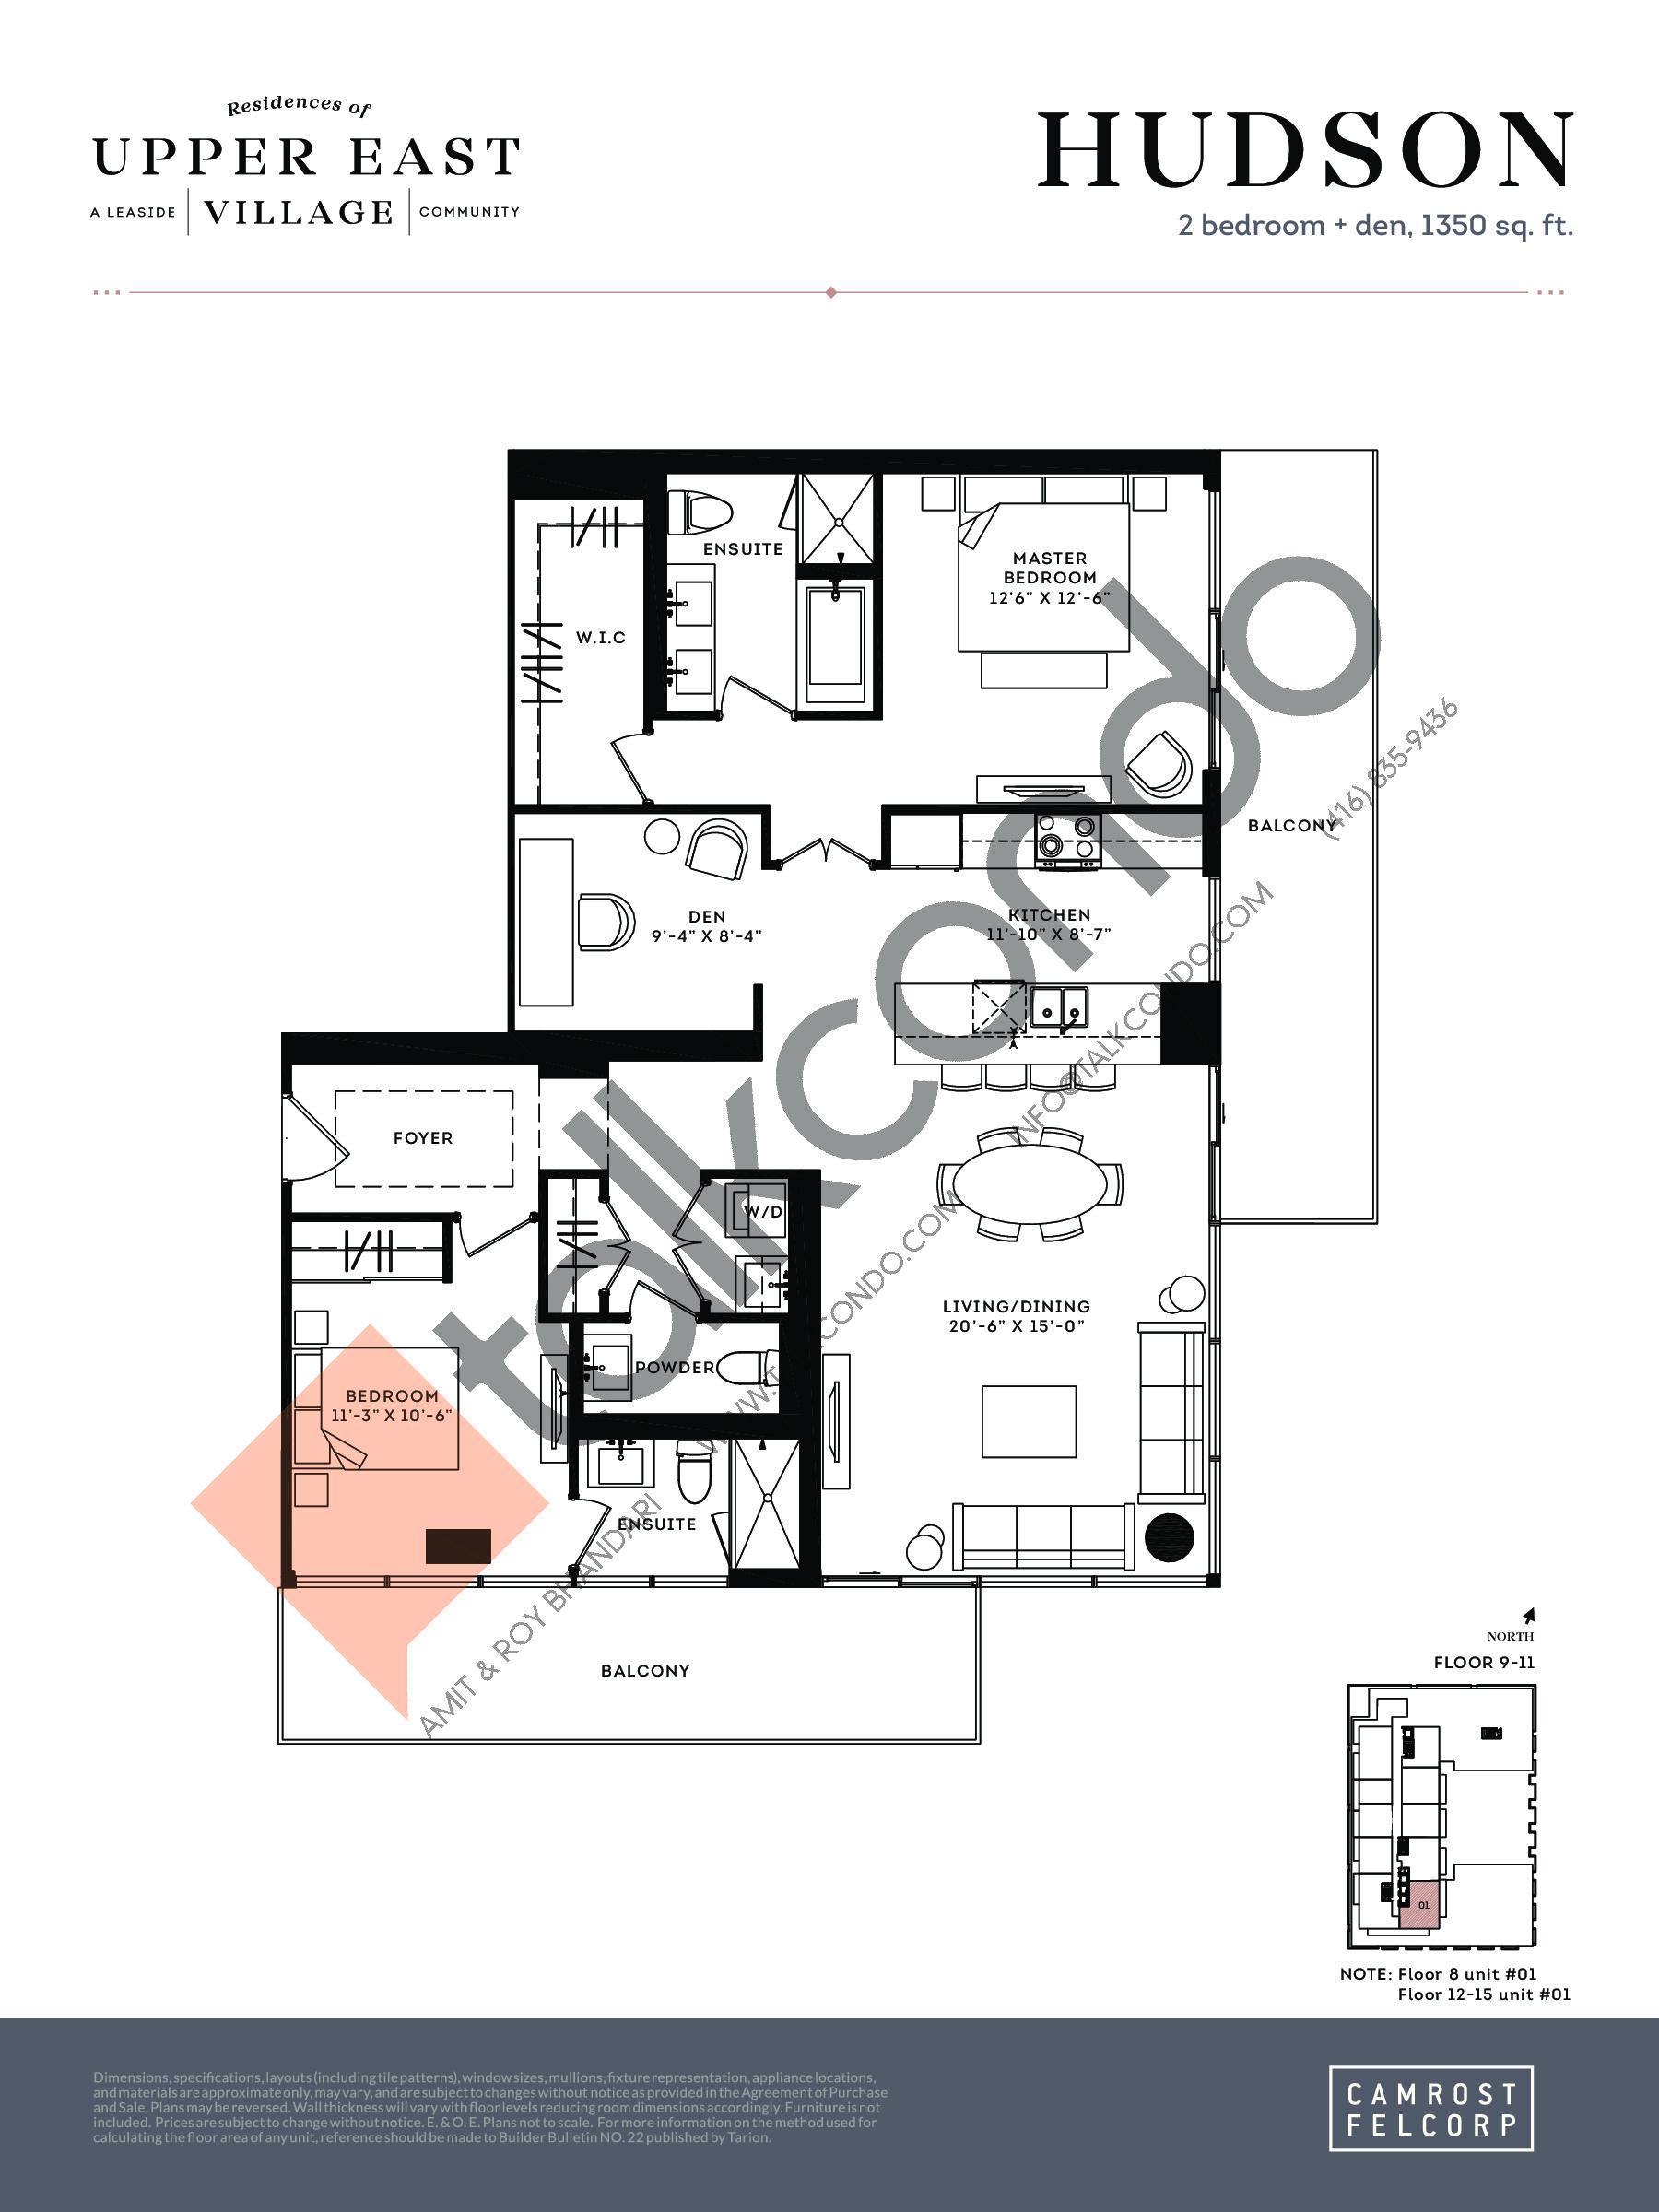 Hudson Floor Plan at Upper East Village Condos - 1350 sq.ft